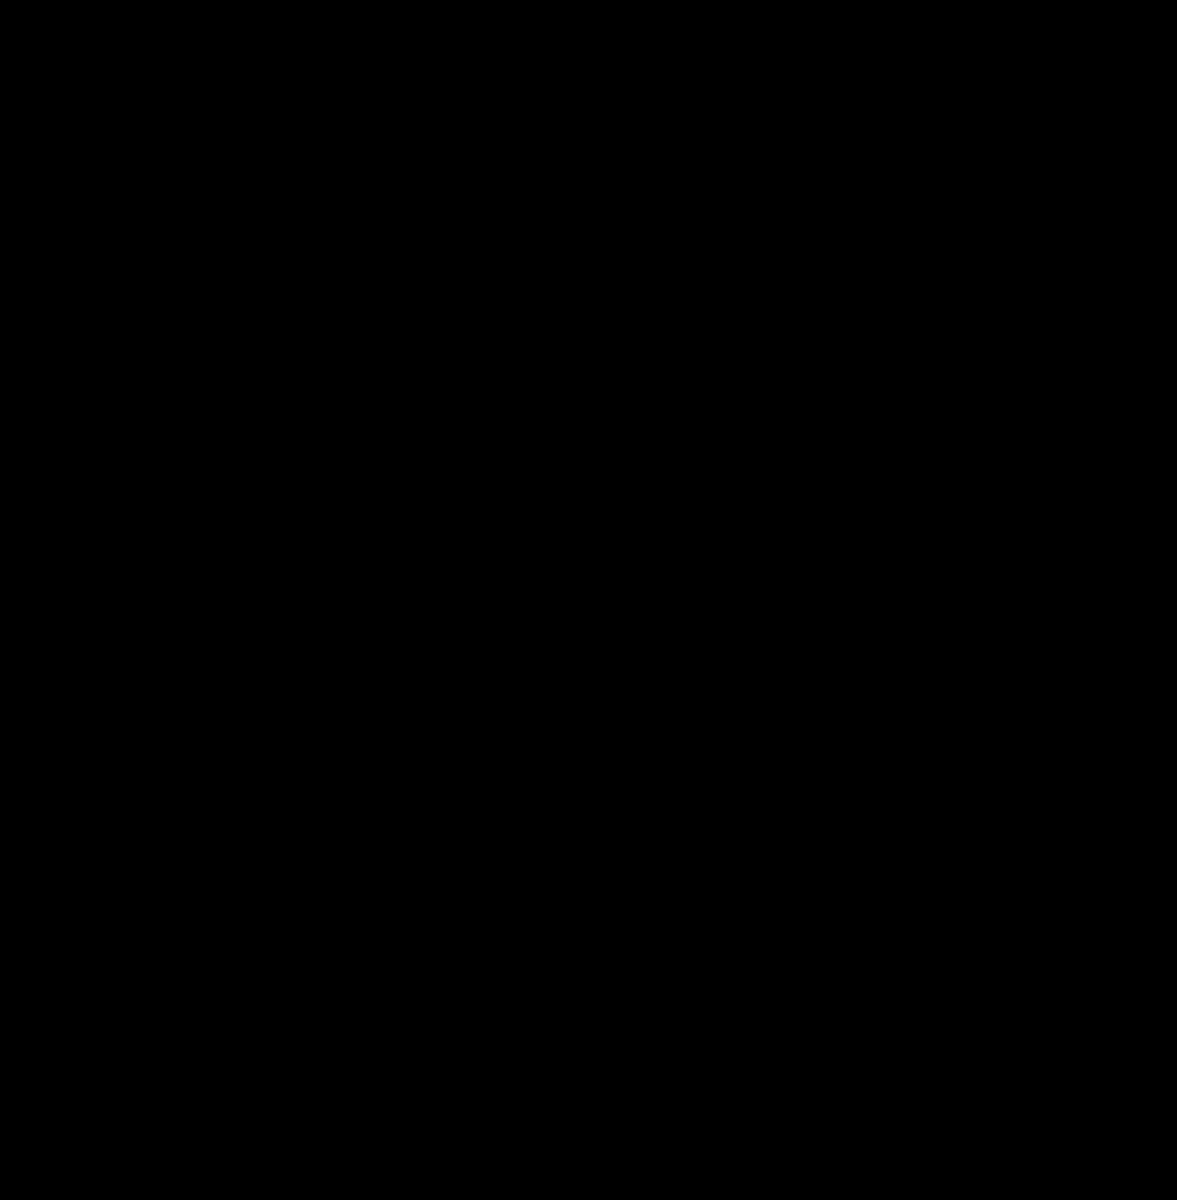 stock symbol transparent spade #116157264